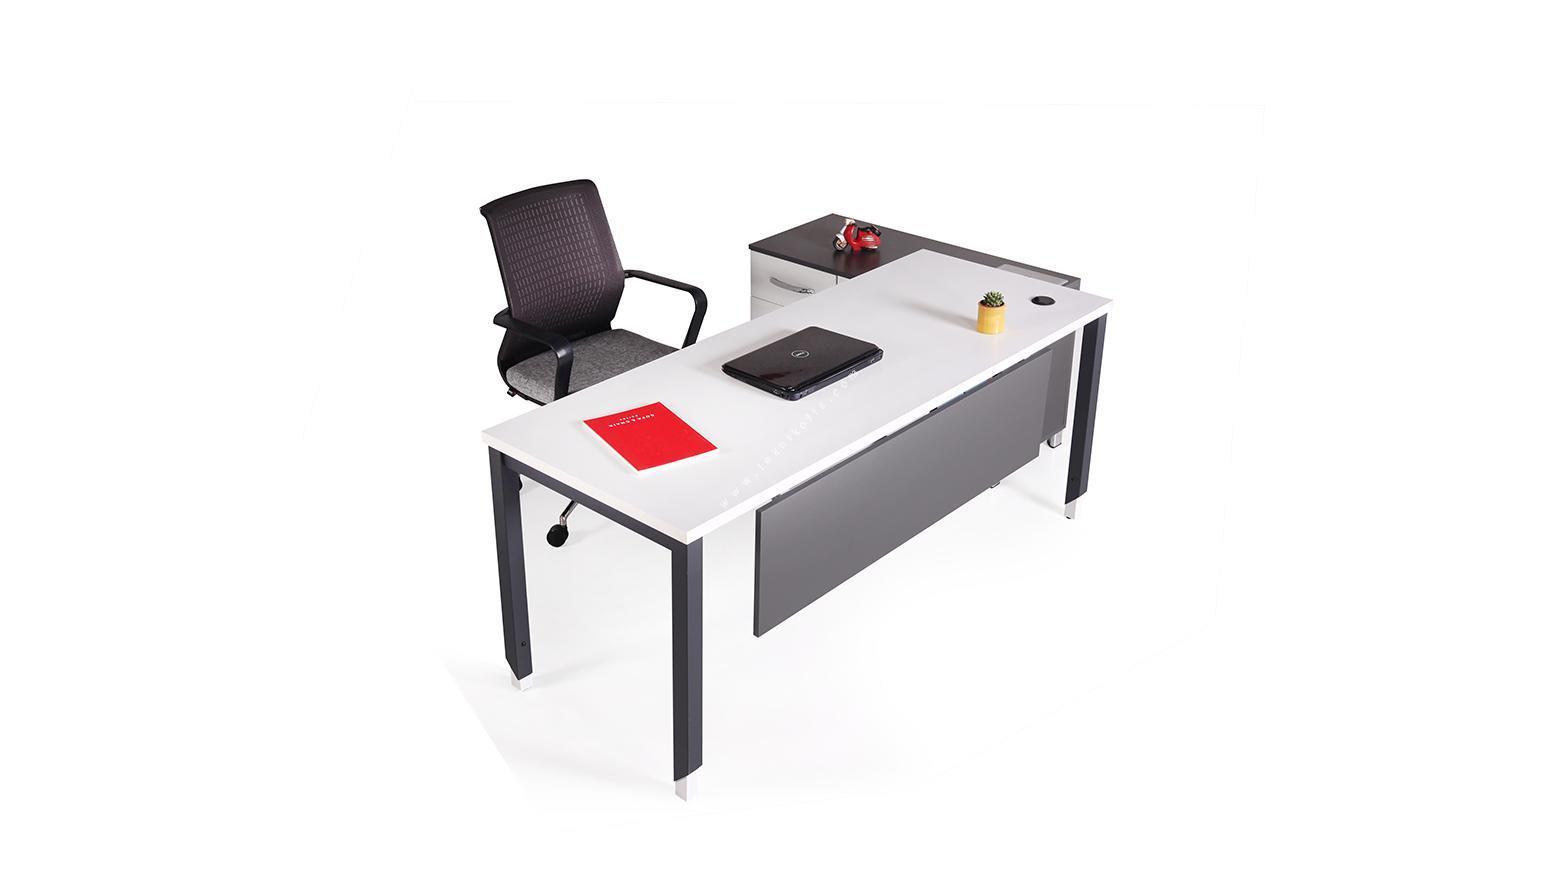 aveon etajerli çalışma masası 180cm